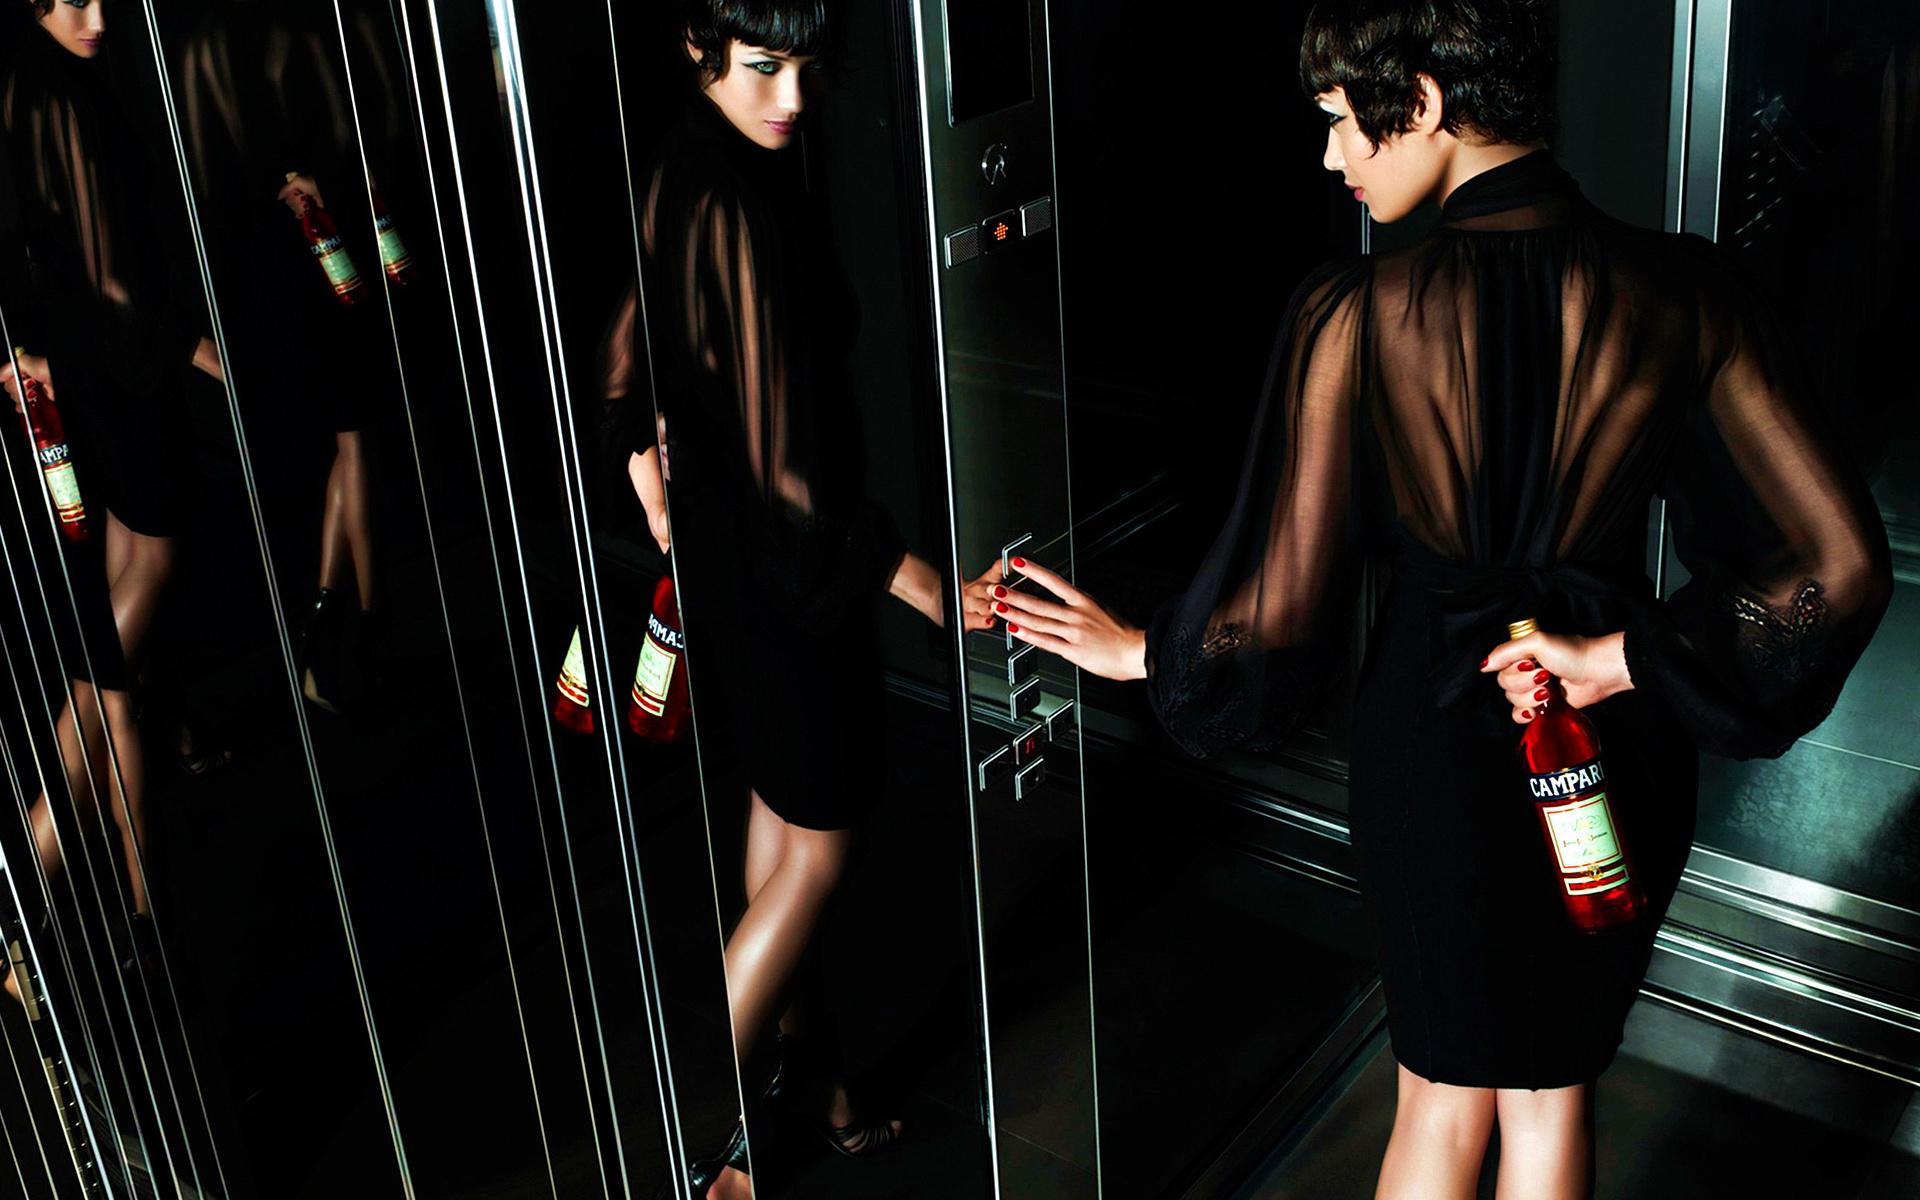 Женщина с бутылкой между ног смотреть — 10